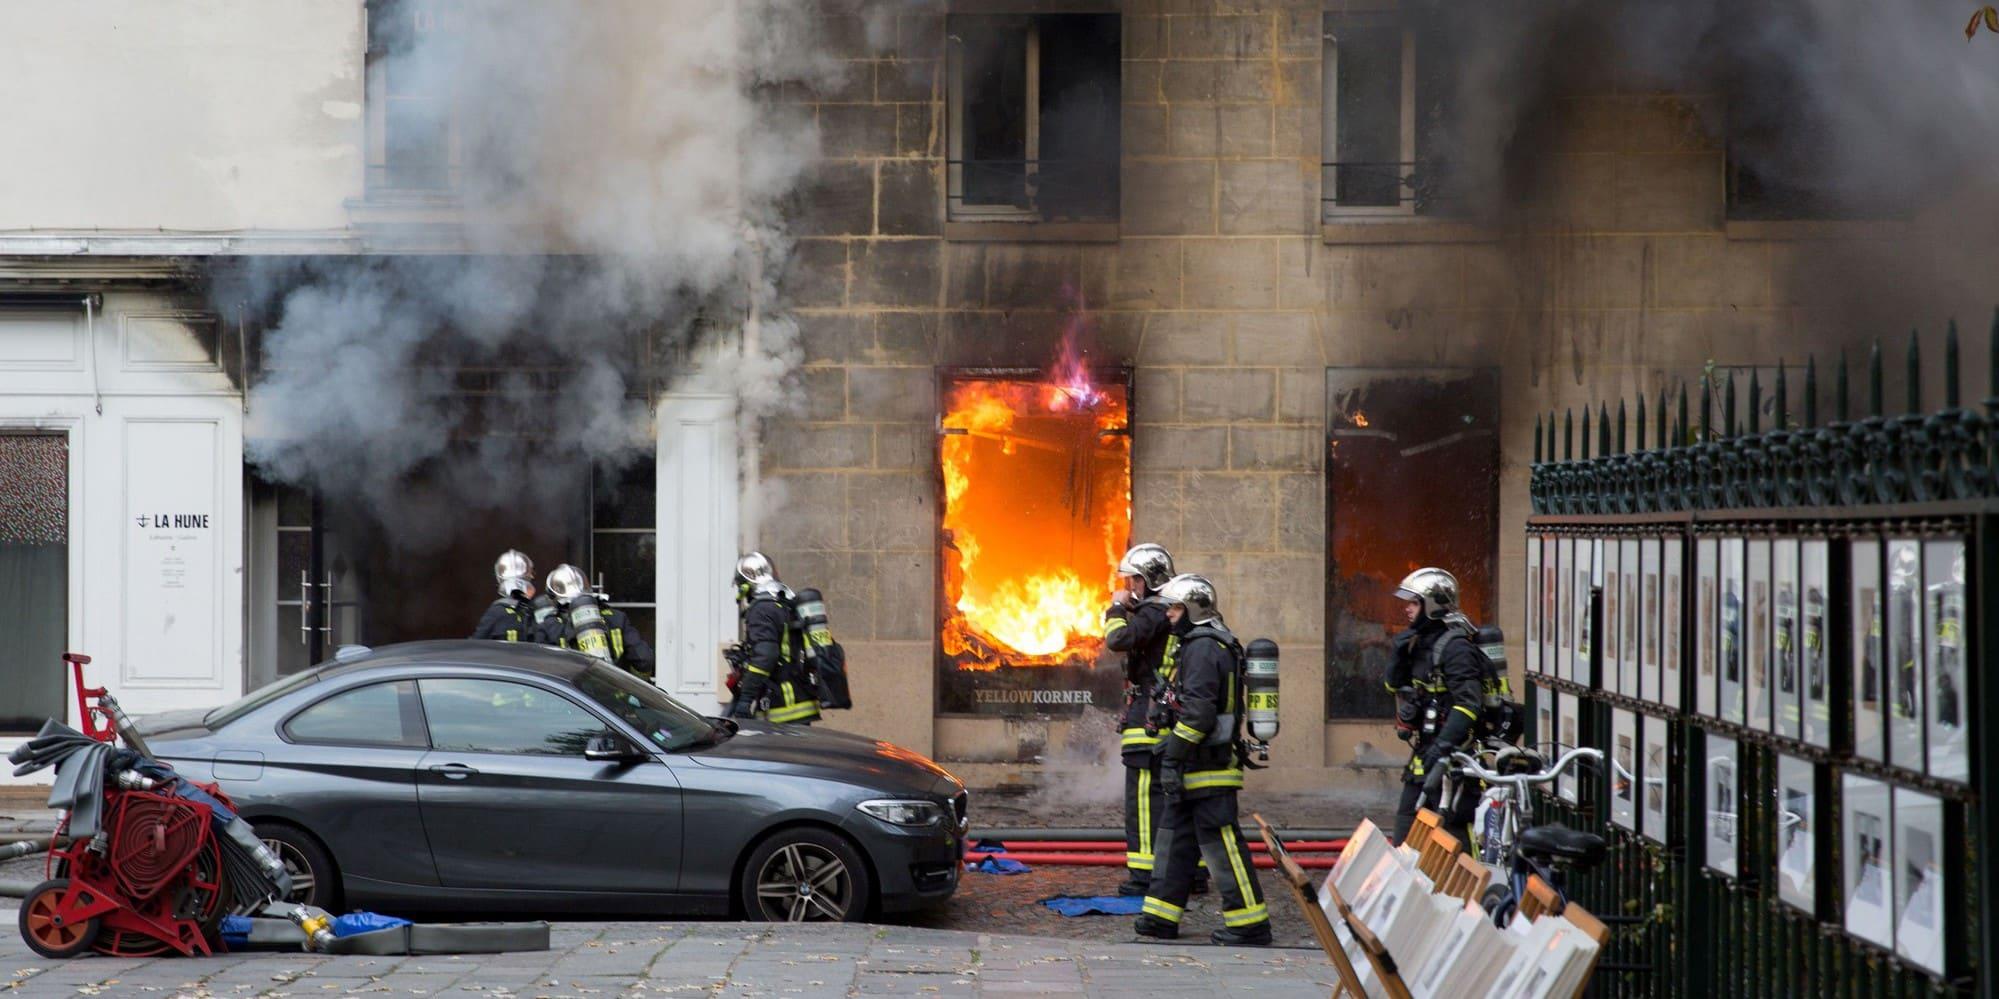 Une menuiserie détruite par les flammes à Biterrois